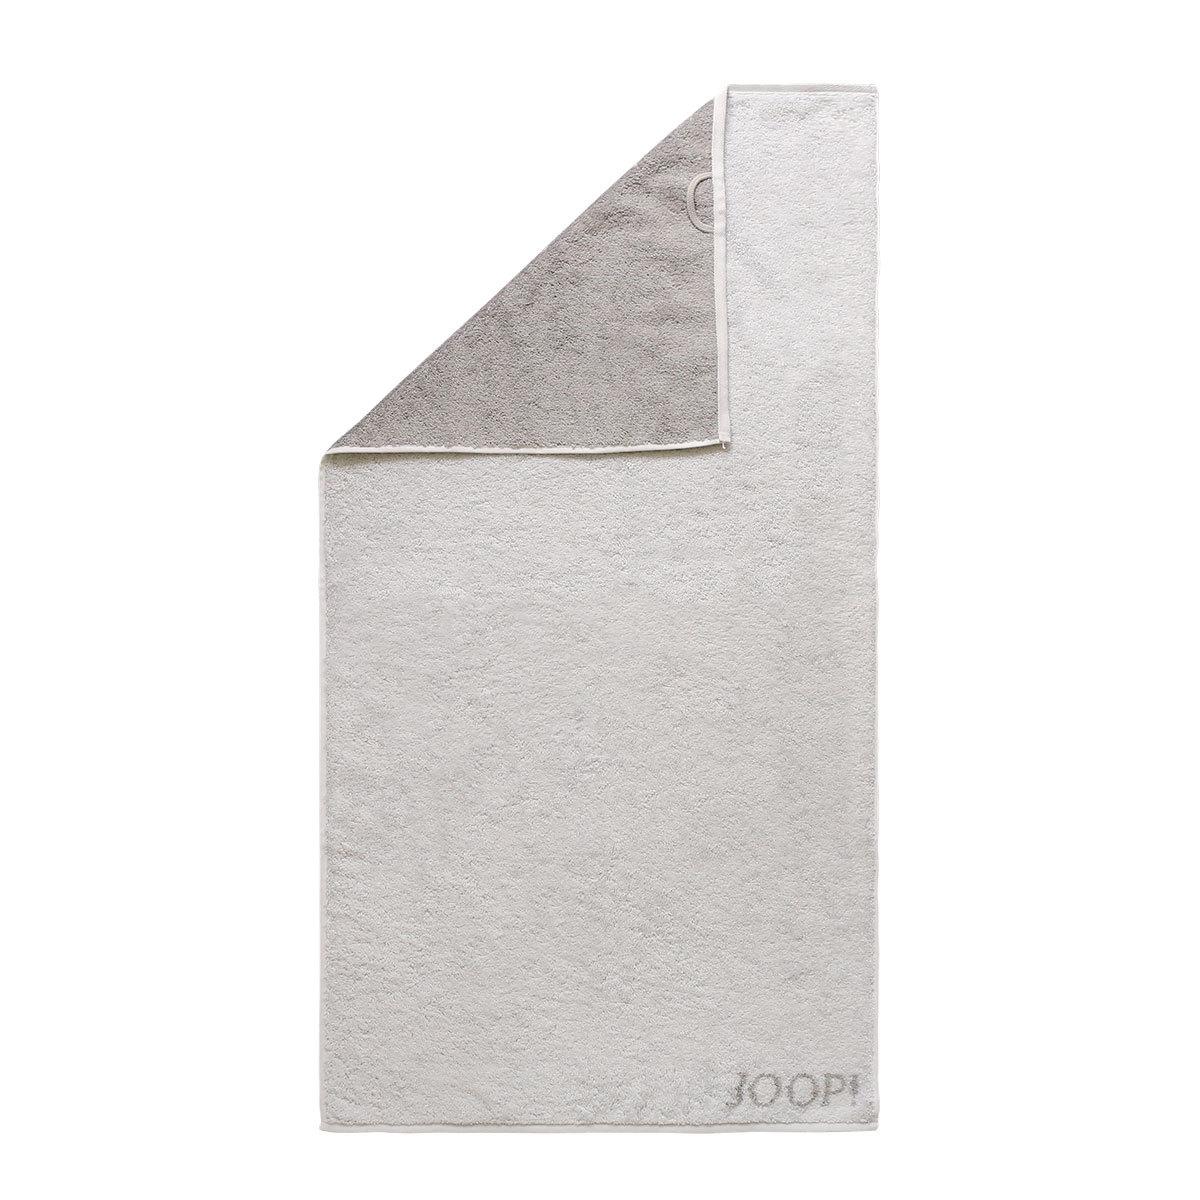 joop frottier handt cher purity doubleface platin g nstig online kaufen bei bettwaren shop. Black Bedroom Furniture Sets. Home Design Ideas